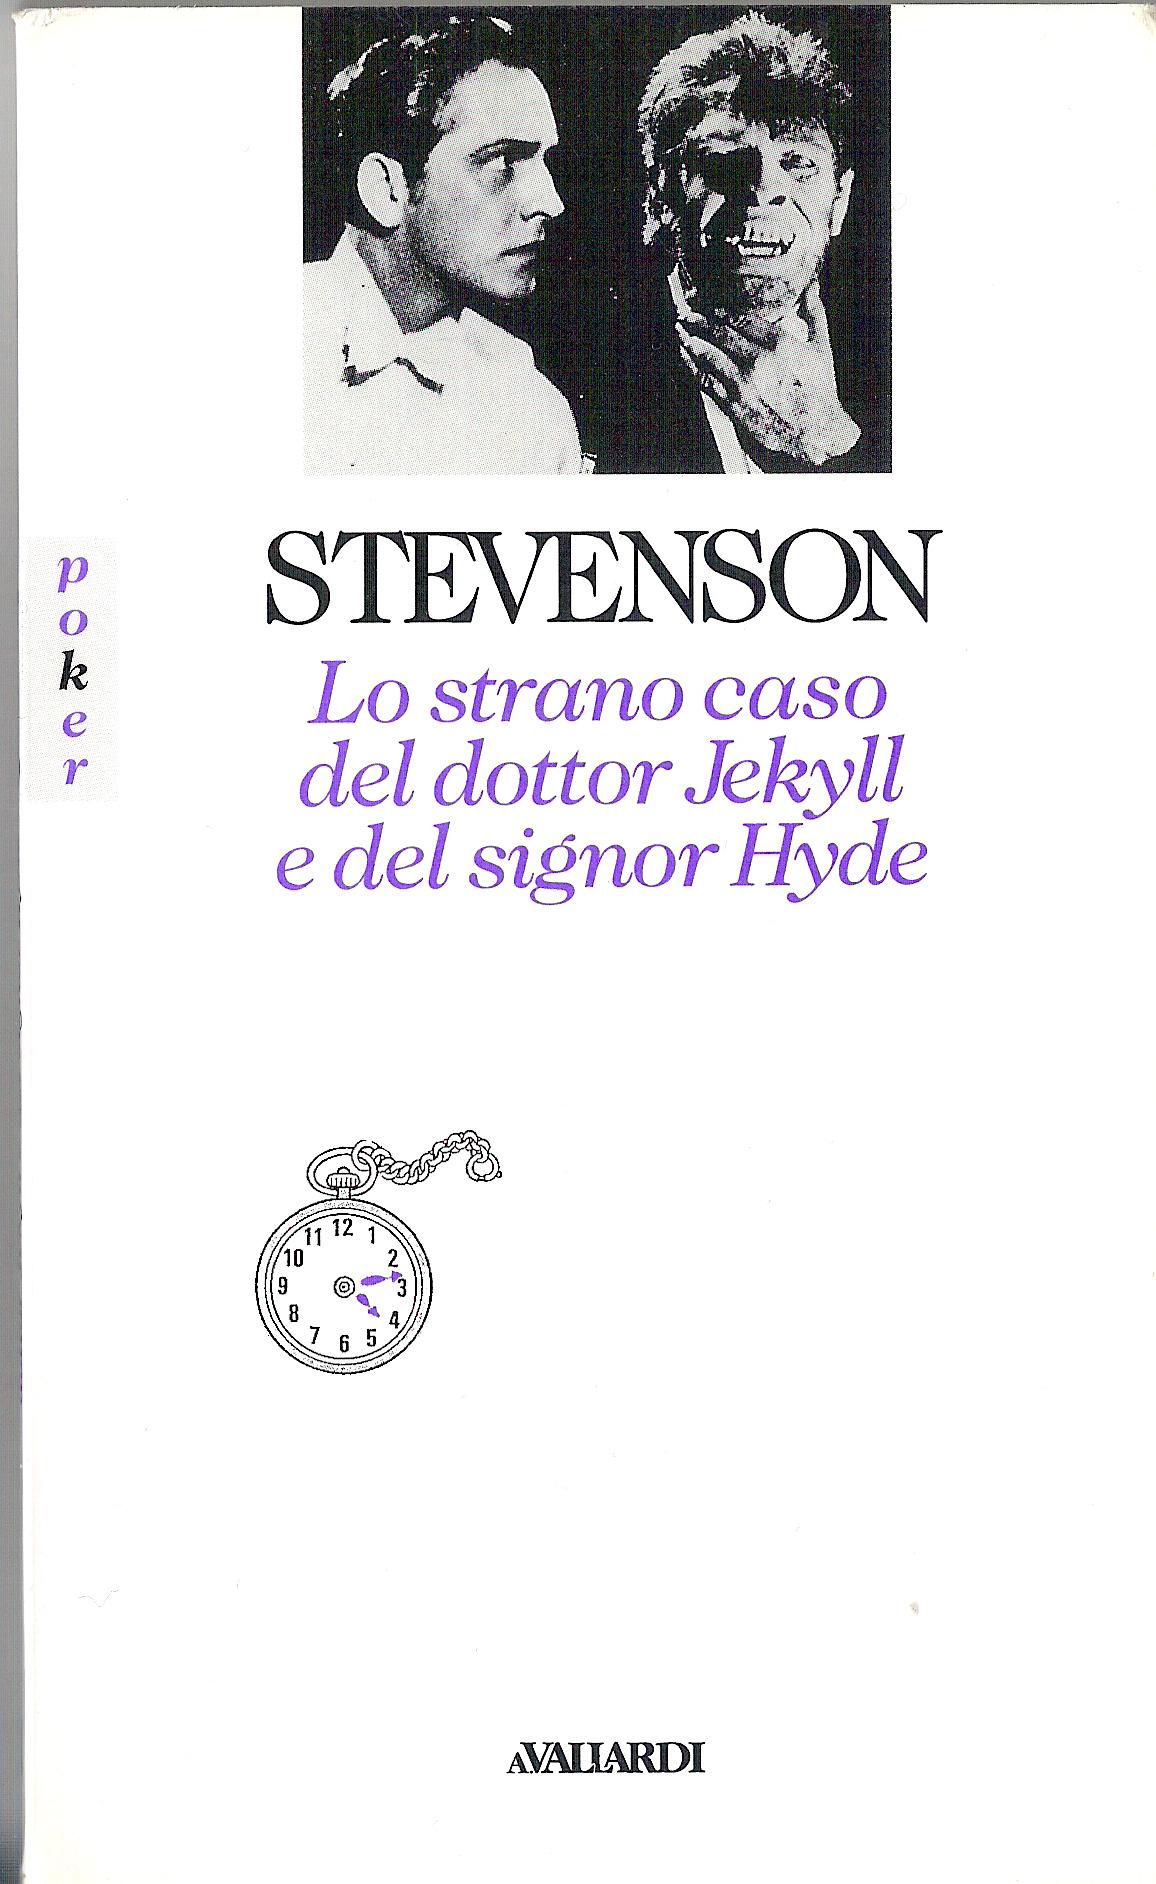 Lo strano caso del dottor Jekill e il signor Hyde